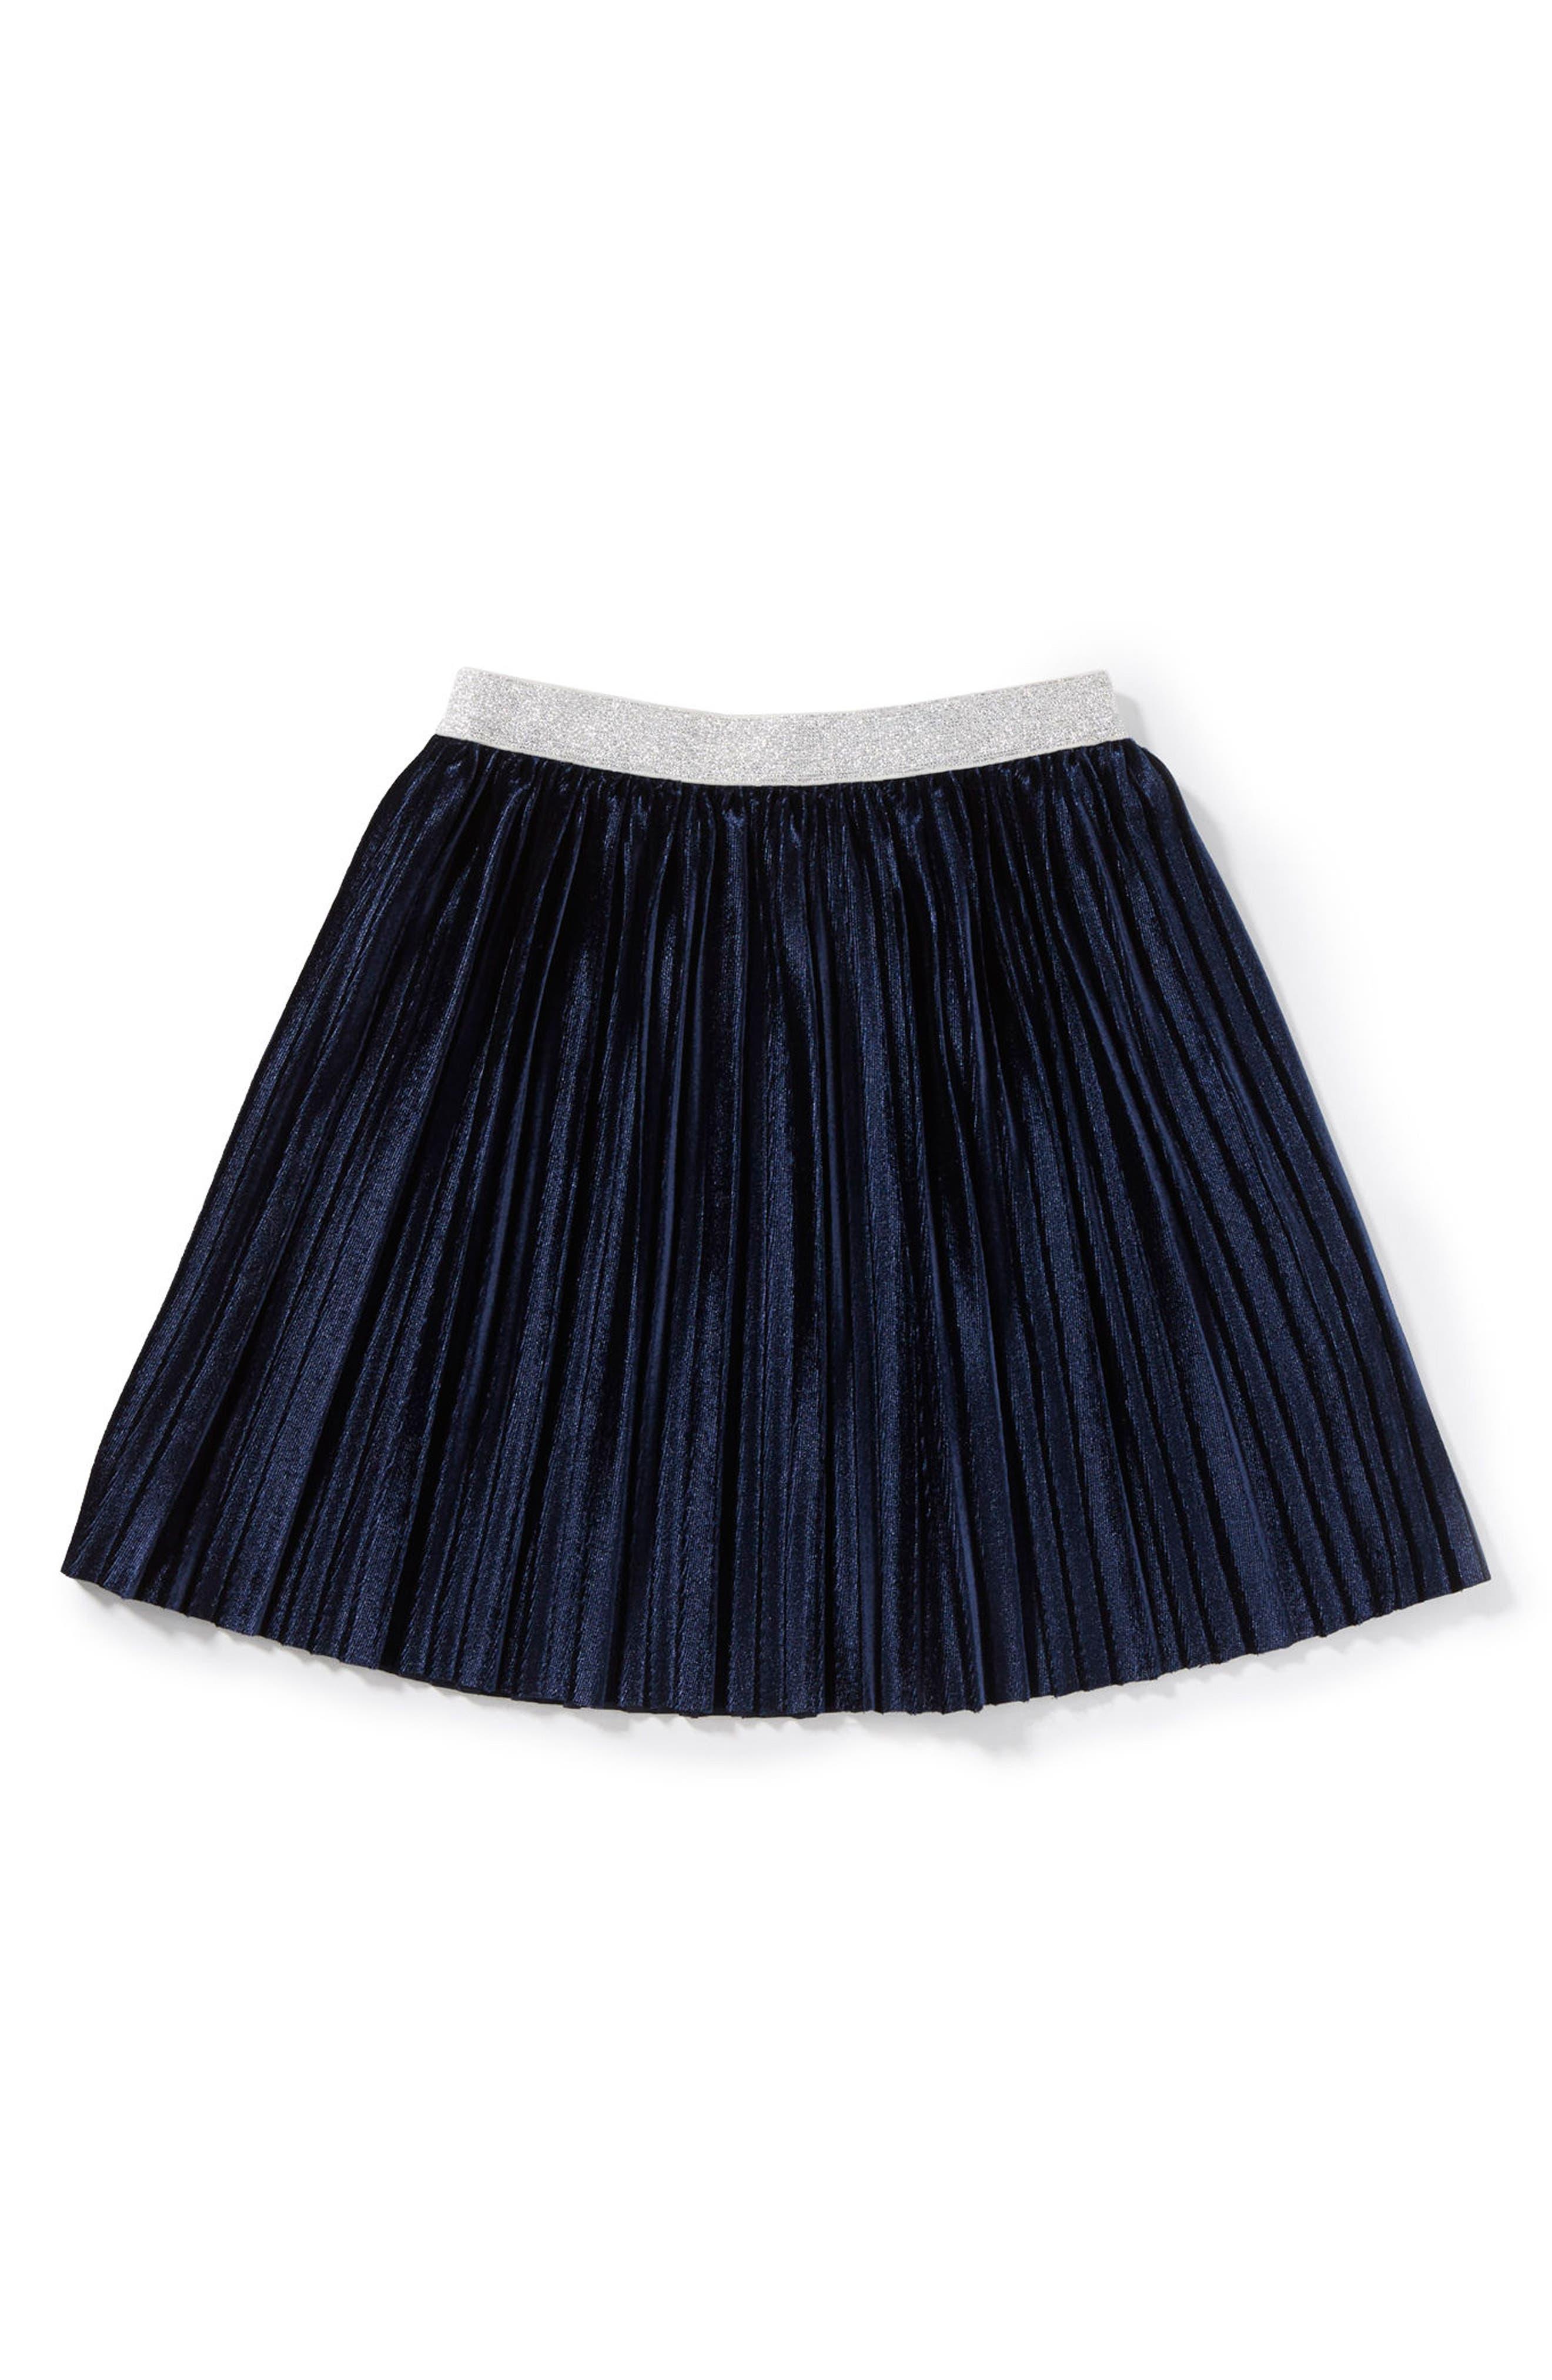 Alternate Image 1 Selected - Peek Marissa Pleated Skirt (Toddler Girls, Little Girls & Big Girls)